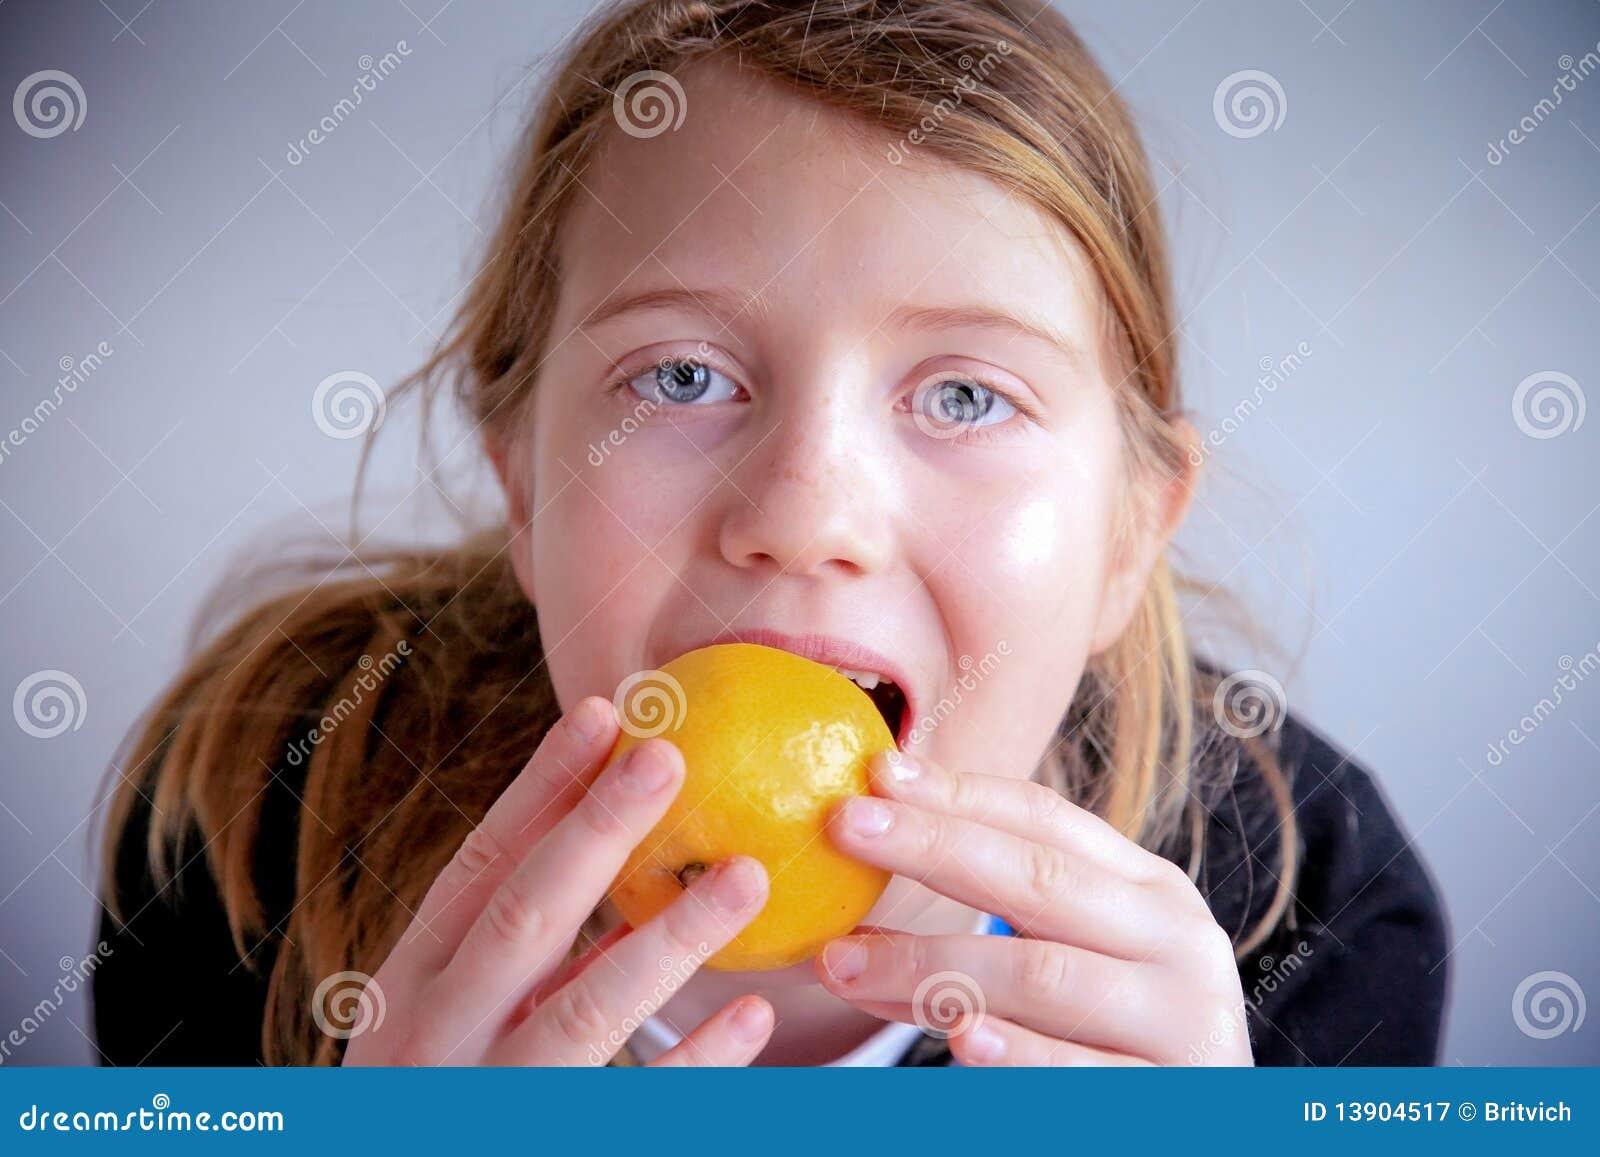 Fruit eating girl